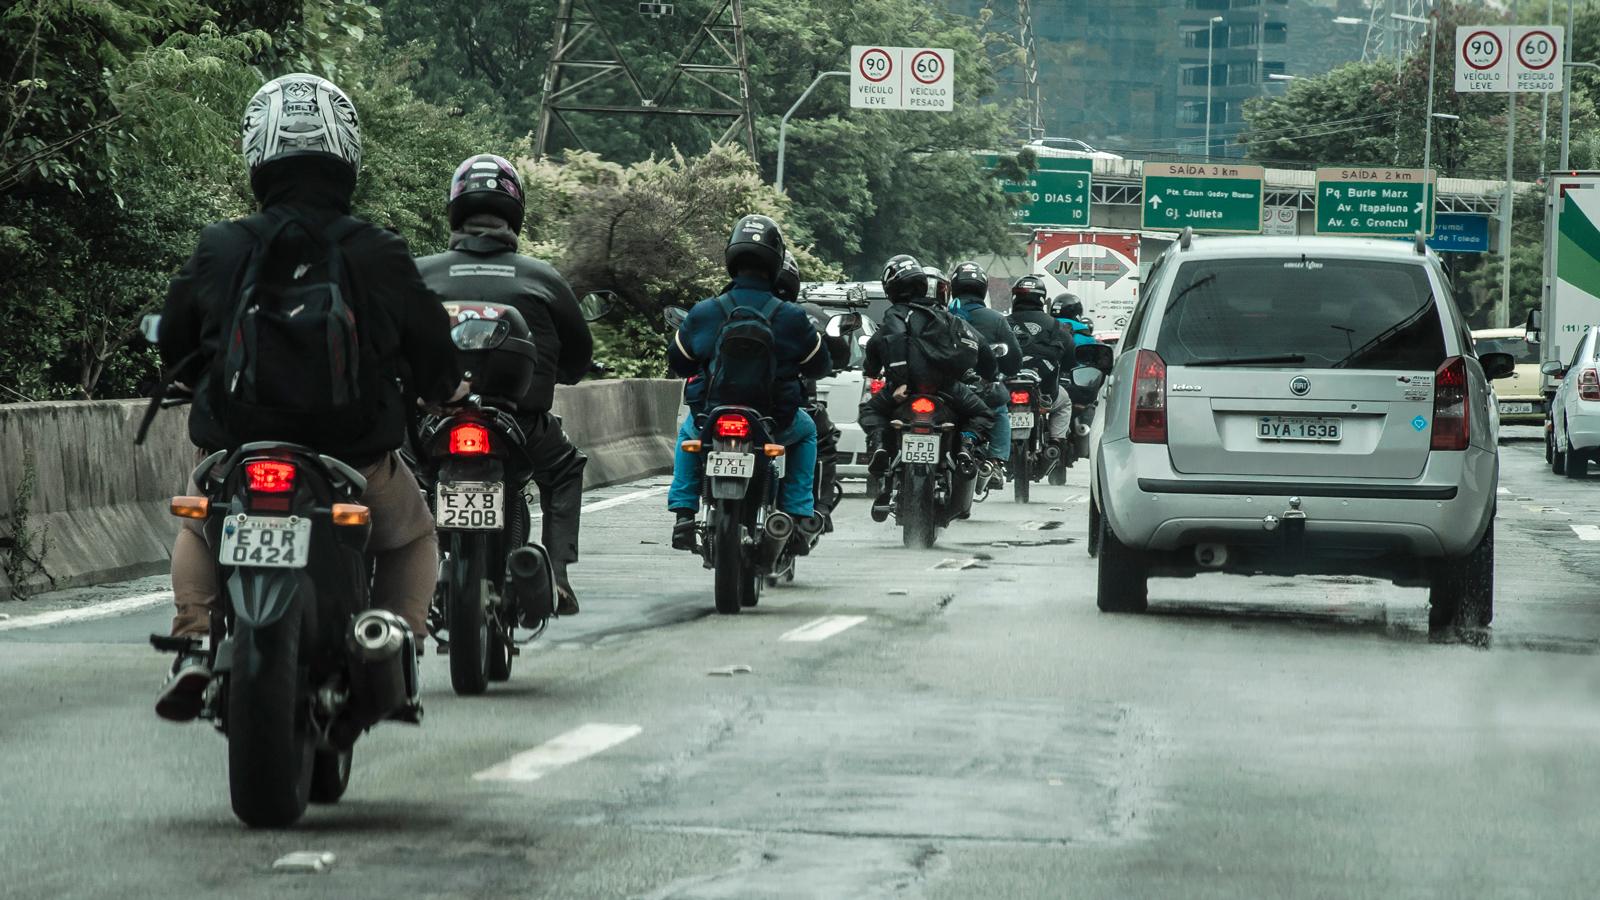 De acordo com o projeto, o fluxo entre os veículos só poderá acontecer se cumprir certas regras